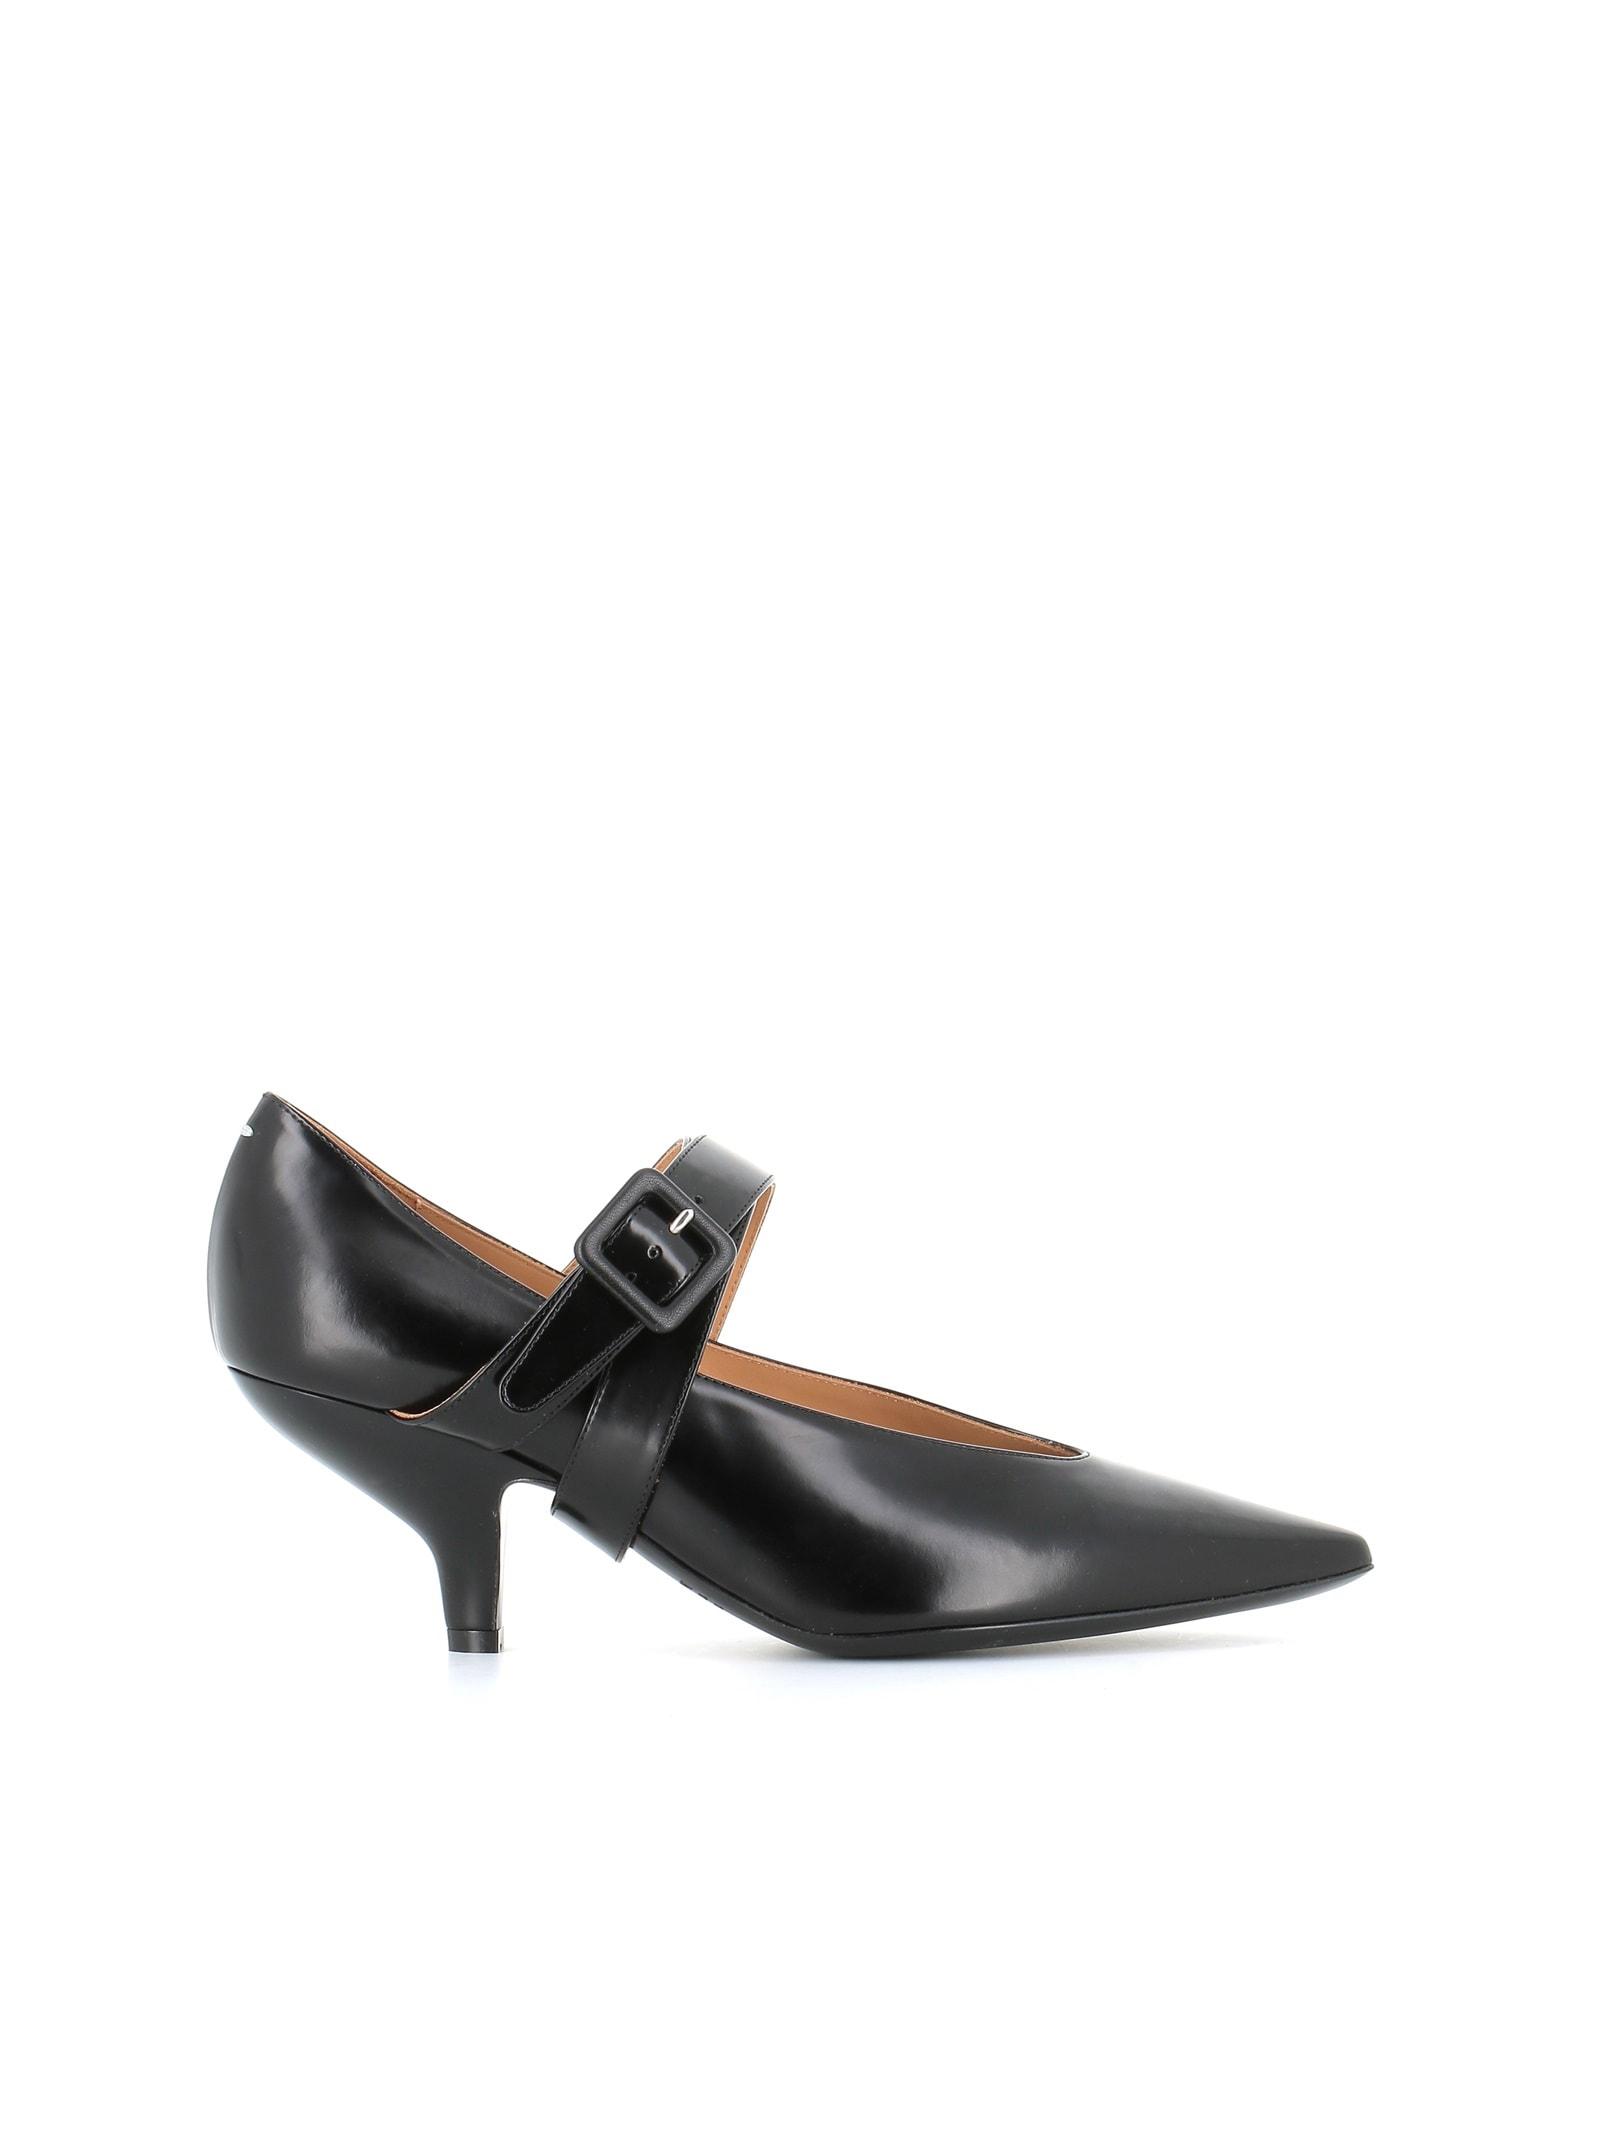 Buy Maison Margiela D?ollet?Mary Jane Nina Tango online, shop Maison Margiela shoes with free shipping